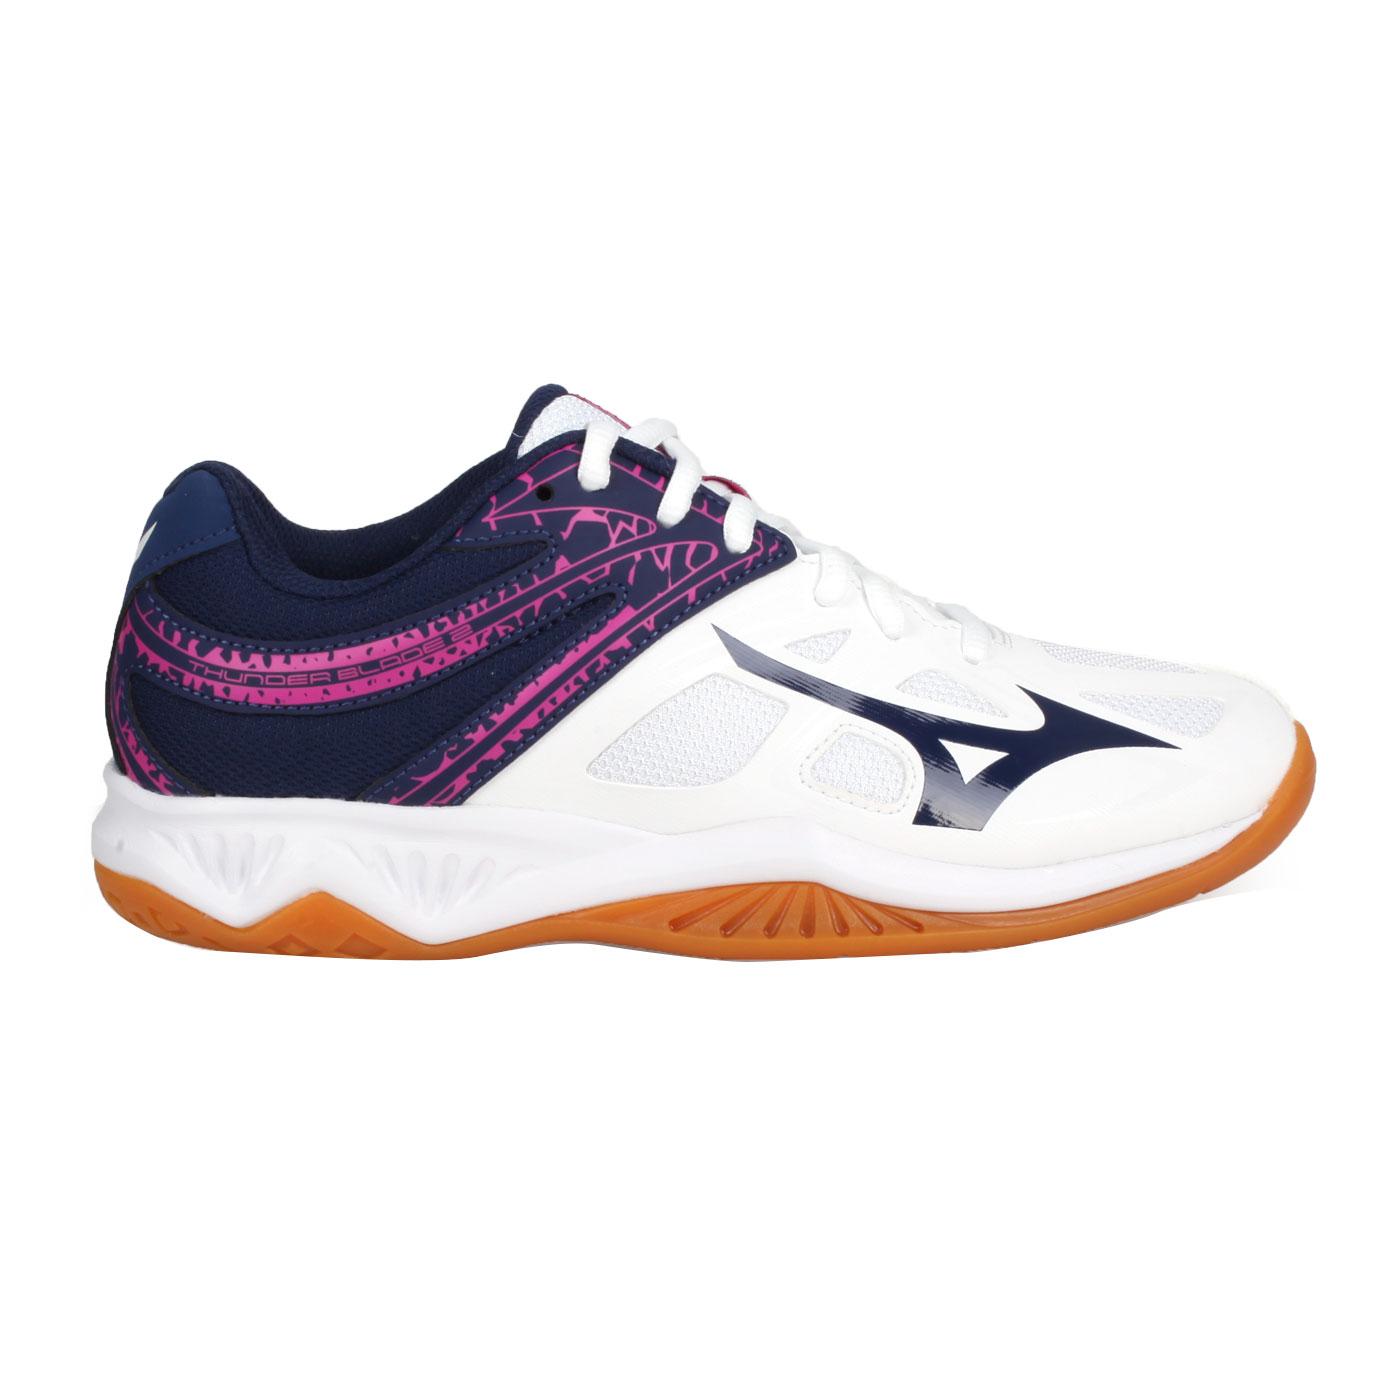 MIZUNO 排球鞋  @THUNDER BLADE 2@V1GA197013 - 白深藍紫